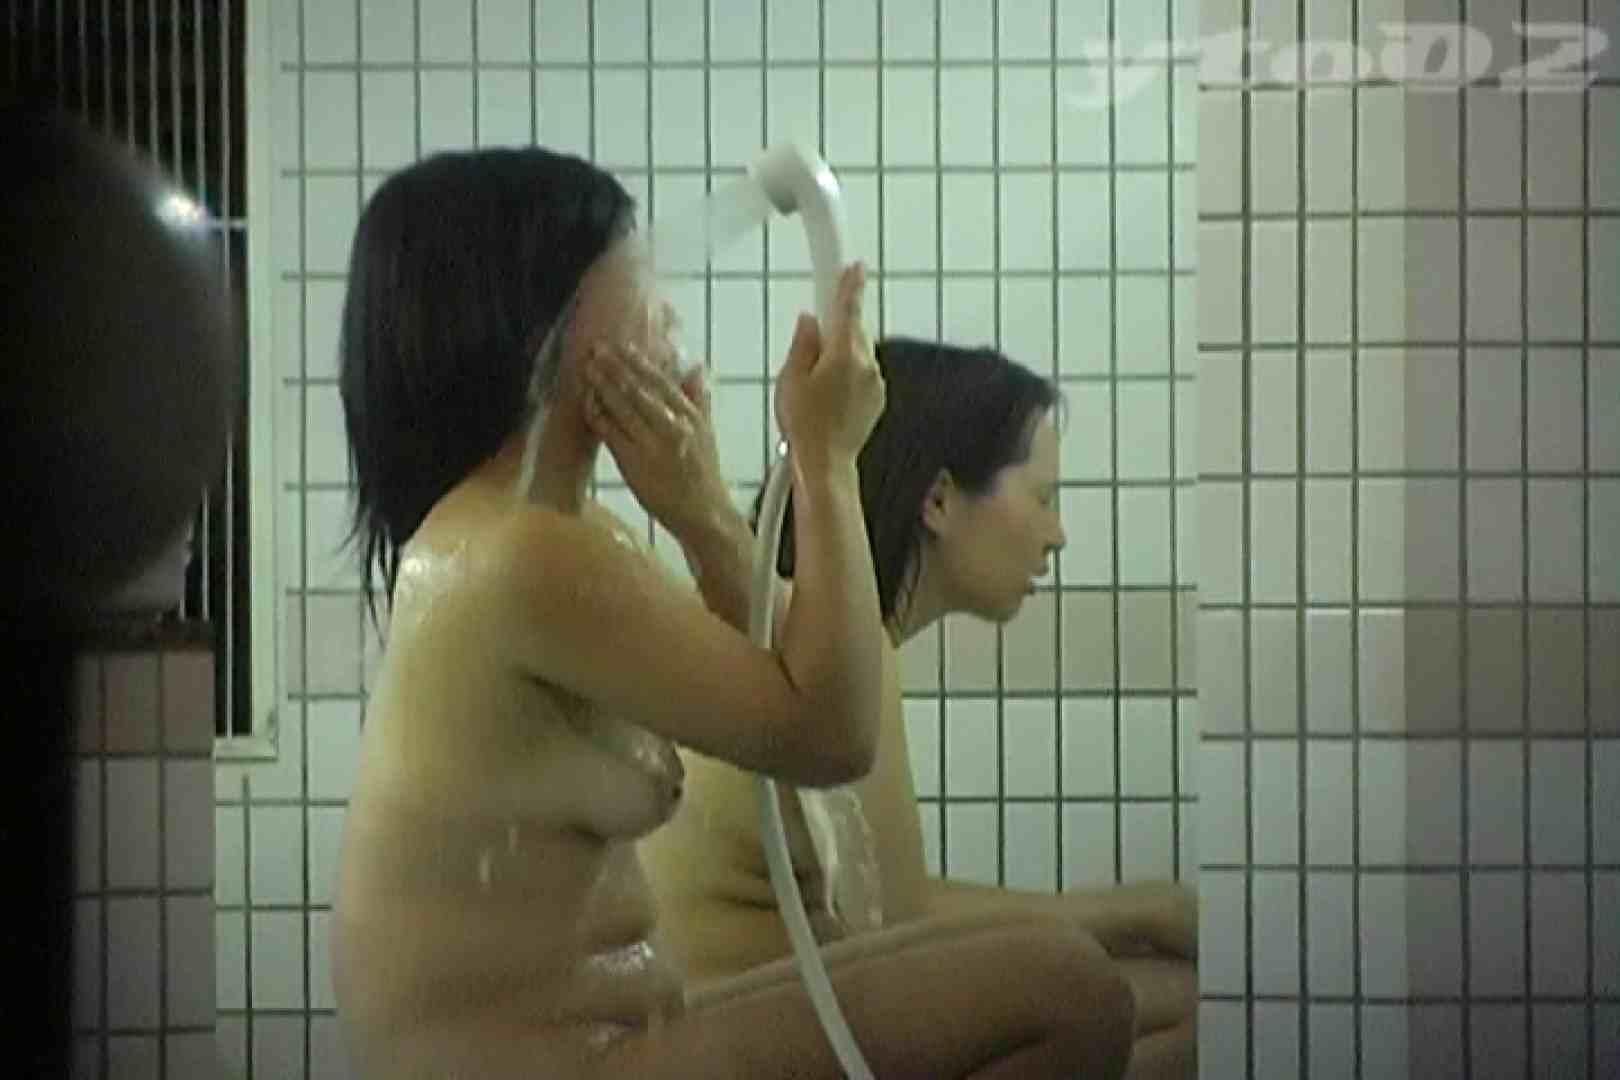 【期間限定配信】合宿ホテル女風呂盗撮 Vol.15 期間限定シリーズ アダルト動画キャプチャ 106画像 84